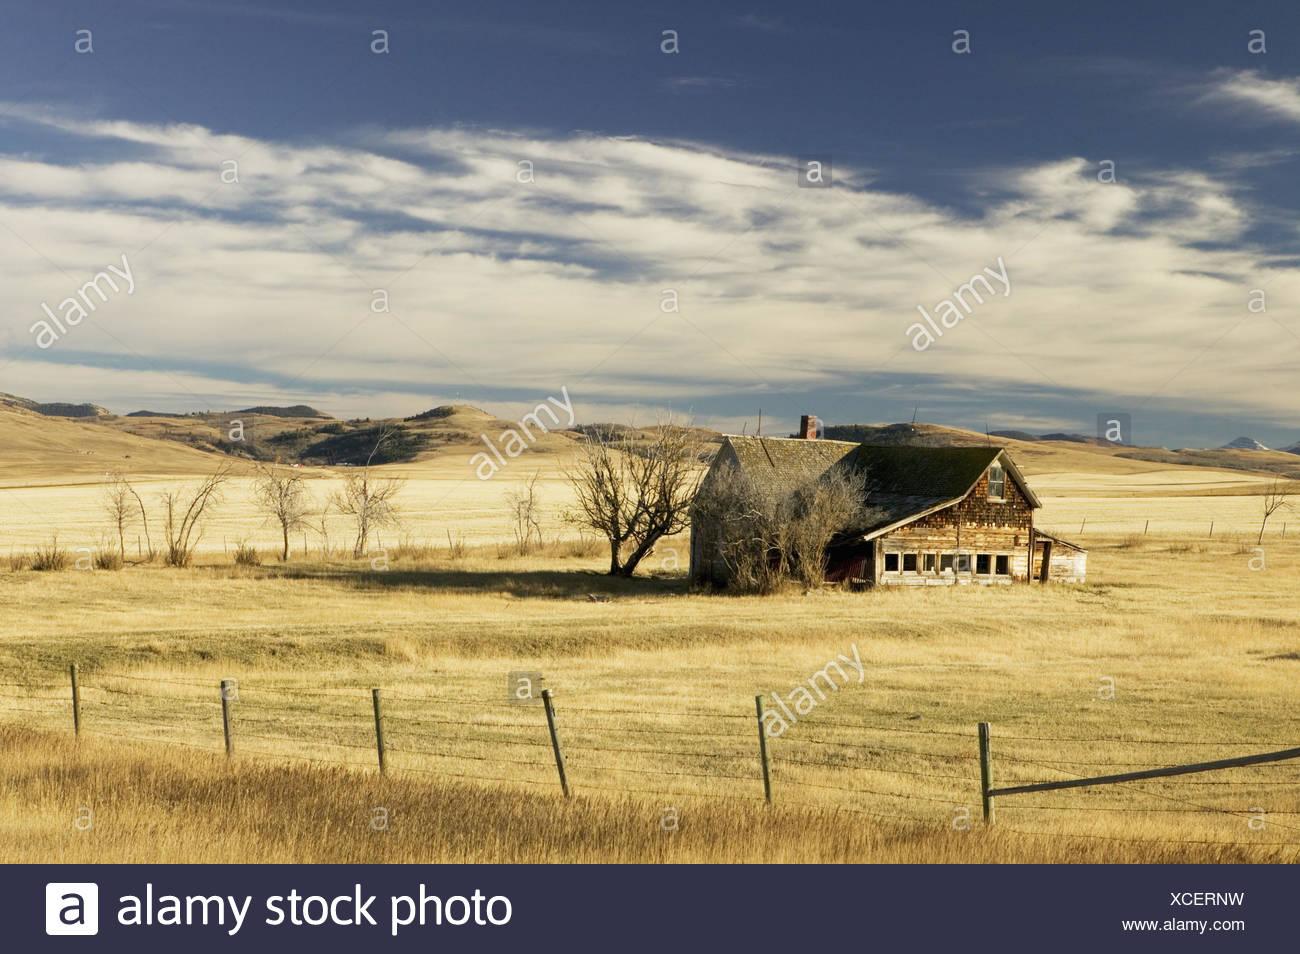 Kanada, Alberta, Cowley, Ranch   Mau_Set, Nordamerika, westliche Prärieprovinz, Holzhaus, alt, Weiden, Felder, Zäune, Eingrenzungen, Hügel, Landschaft, Prärie, Graslandschaft, Bäume, Sträucher, Einsamkeit, abgelegen, Idylle - Stock Image